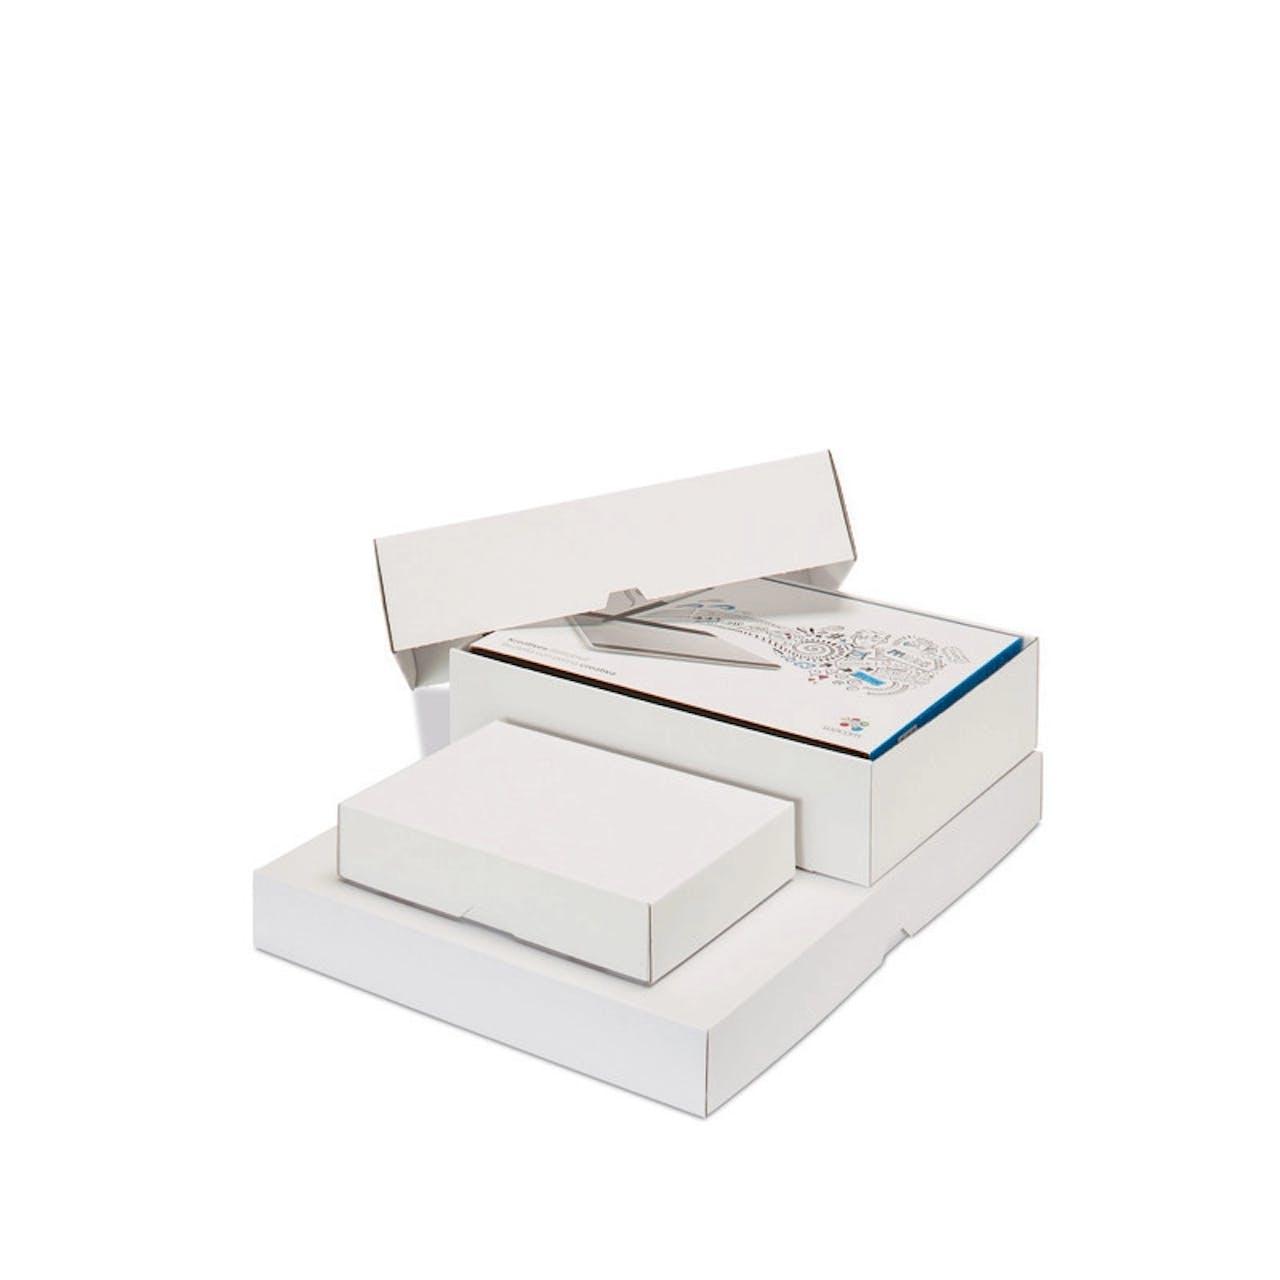 Caisse carton à couvercle coiffant, blanche, Var: 182-10w